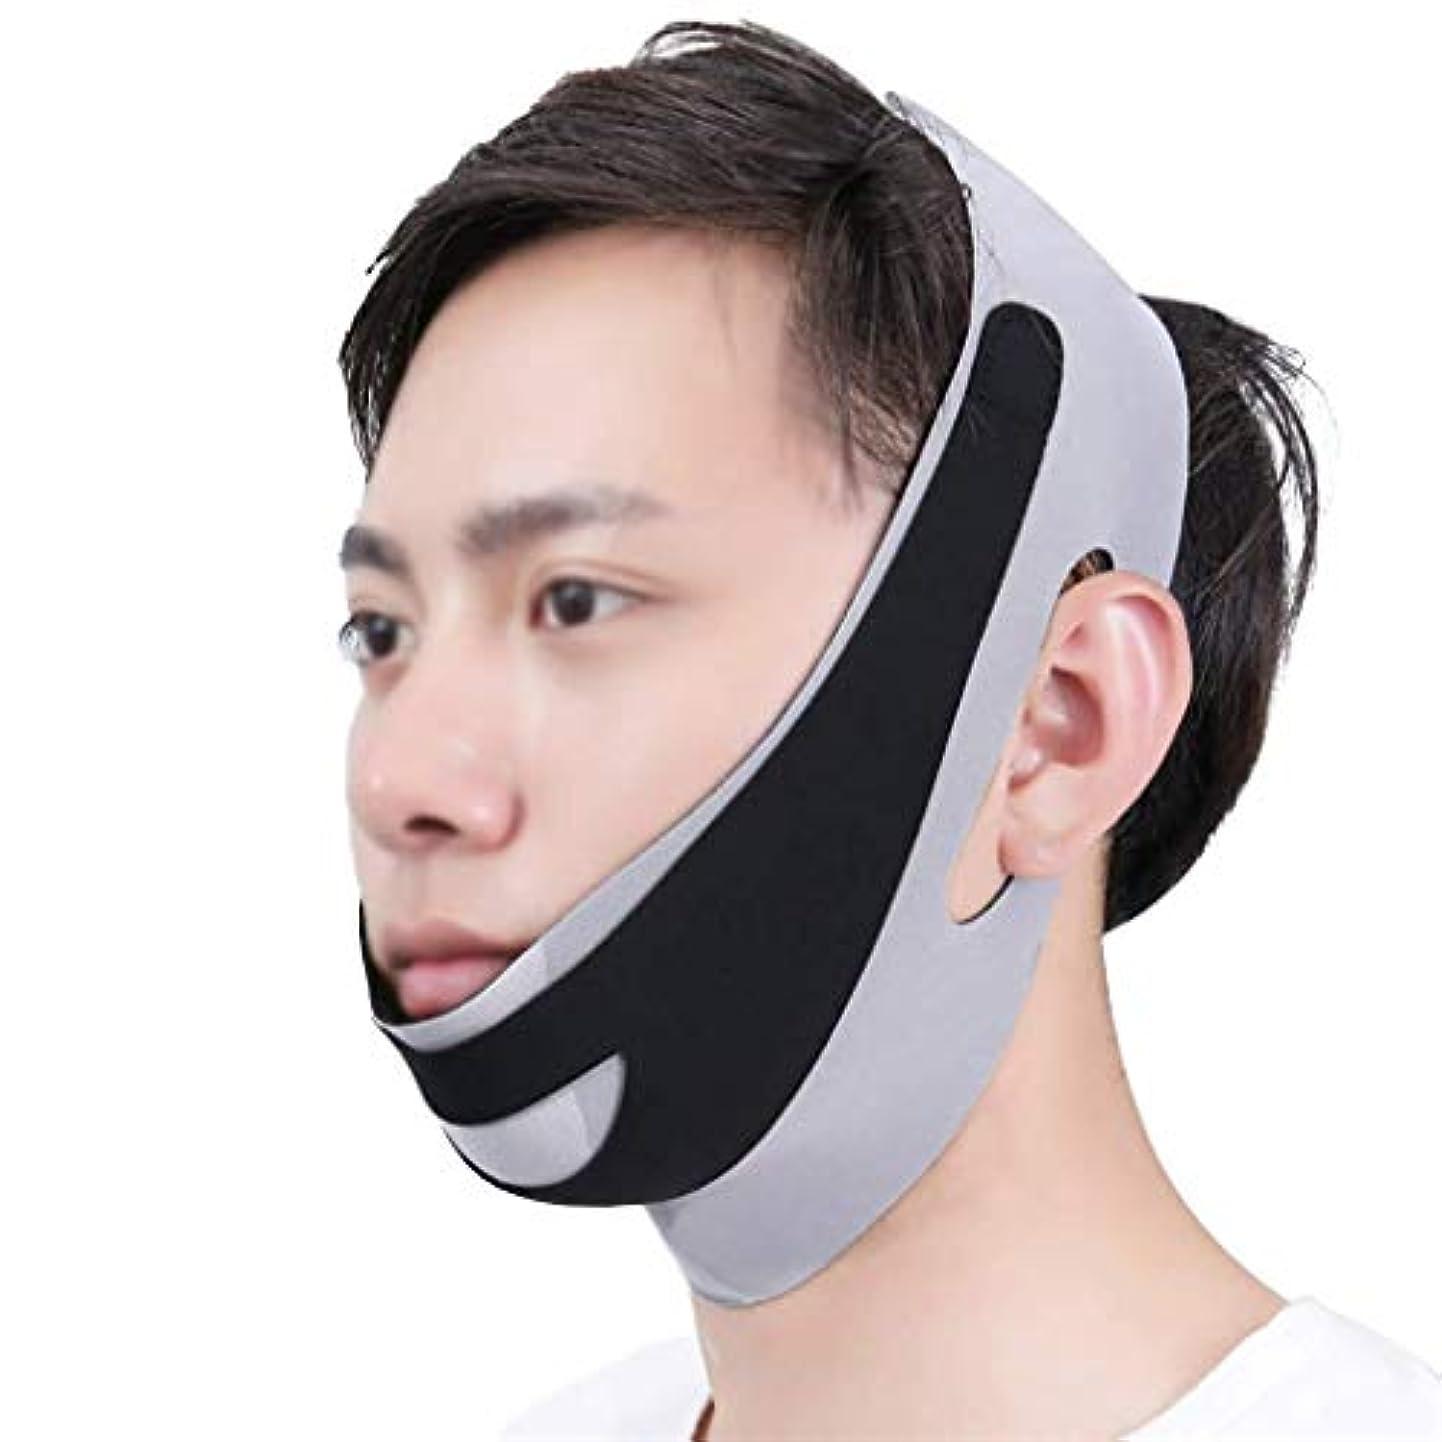 免除面積貯水池顔と首のリフト術後の弾性フェイスマスク小さなV顔アーティファクト薄い顔包帯アーティファクトV顔ぶら下げ耳リフティング引き締め男性の顔アーティファクト